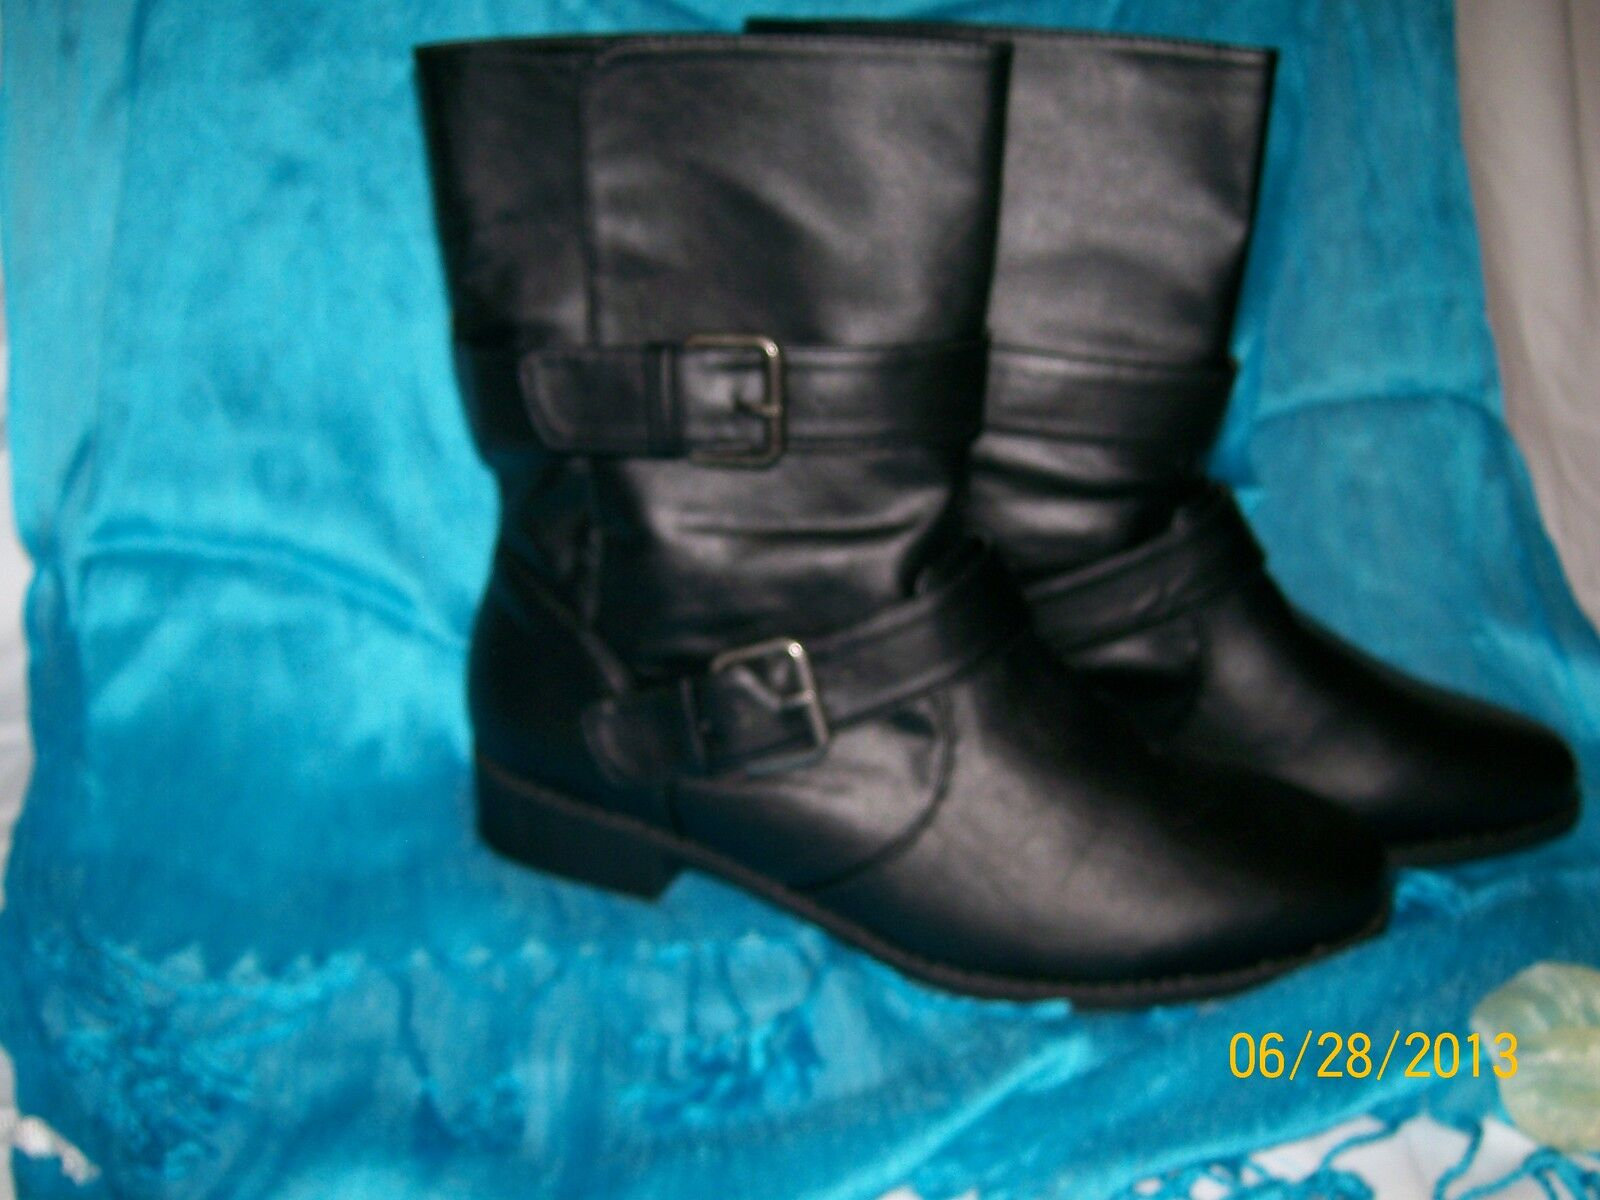 Moto botas-Negro-Inside Cojín-Cuero-Slip-on Cojín-Cuero-Slip-on Cojín-Cuero-Slip-on - Talla 8  venta de ofertas